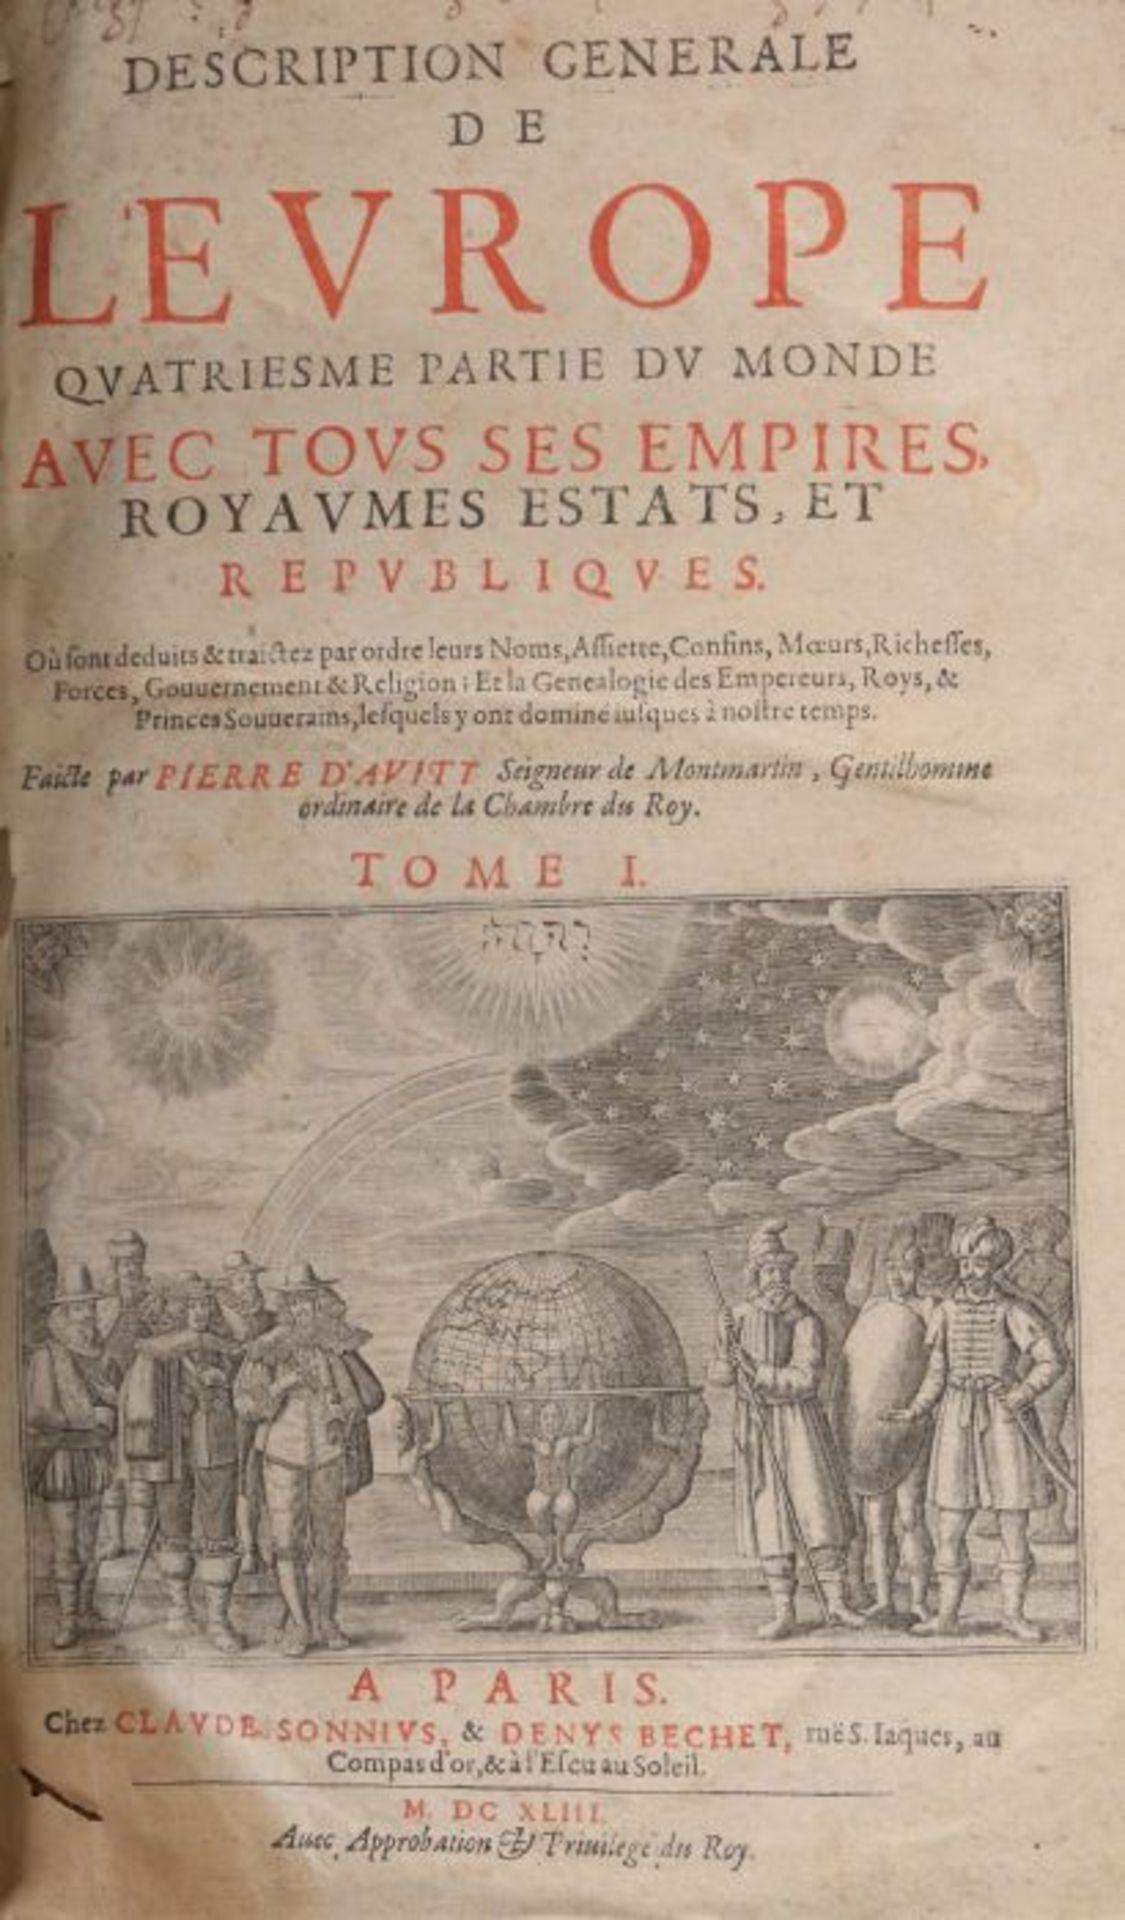 Avity, Pierre de Description generale - Image 4 of 5